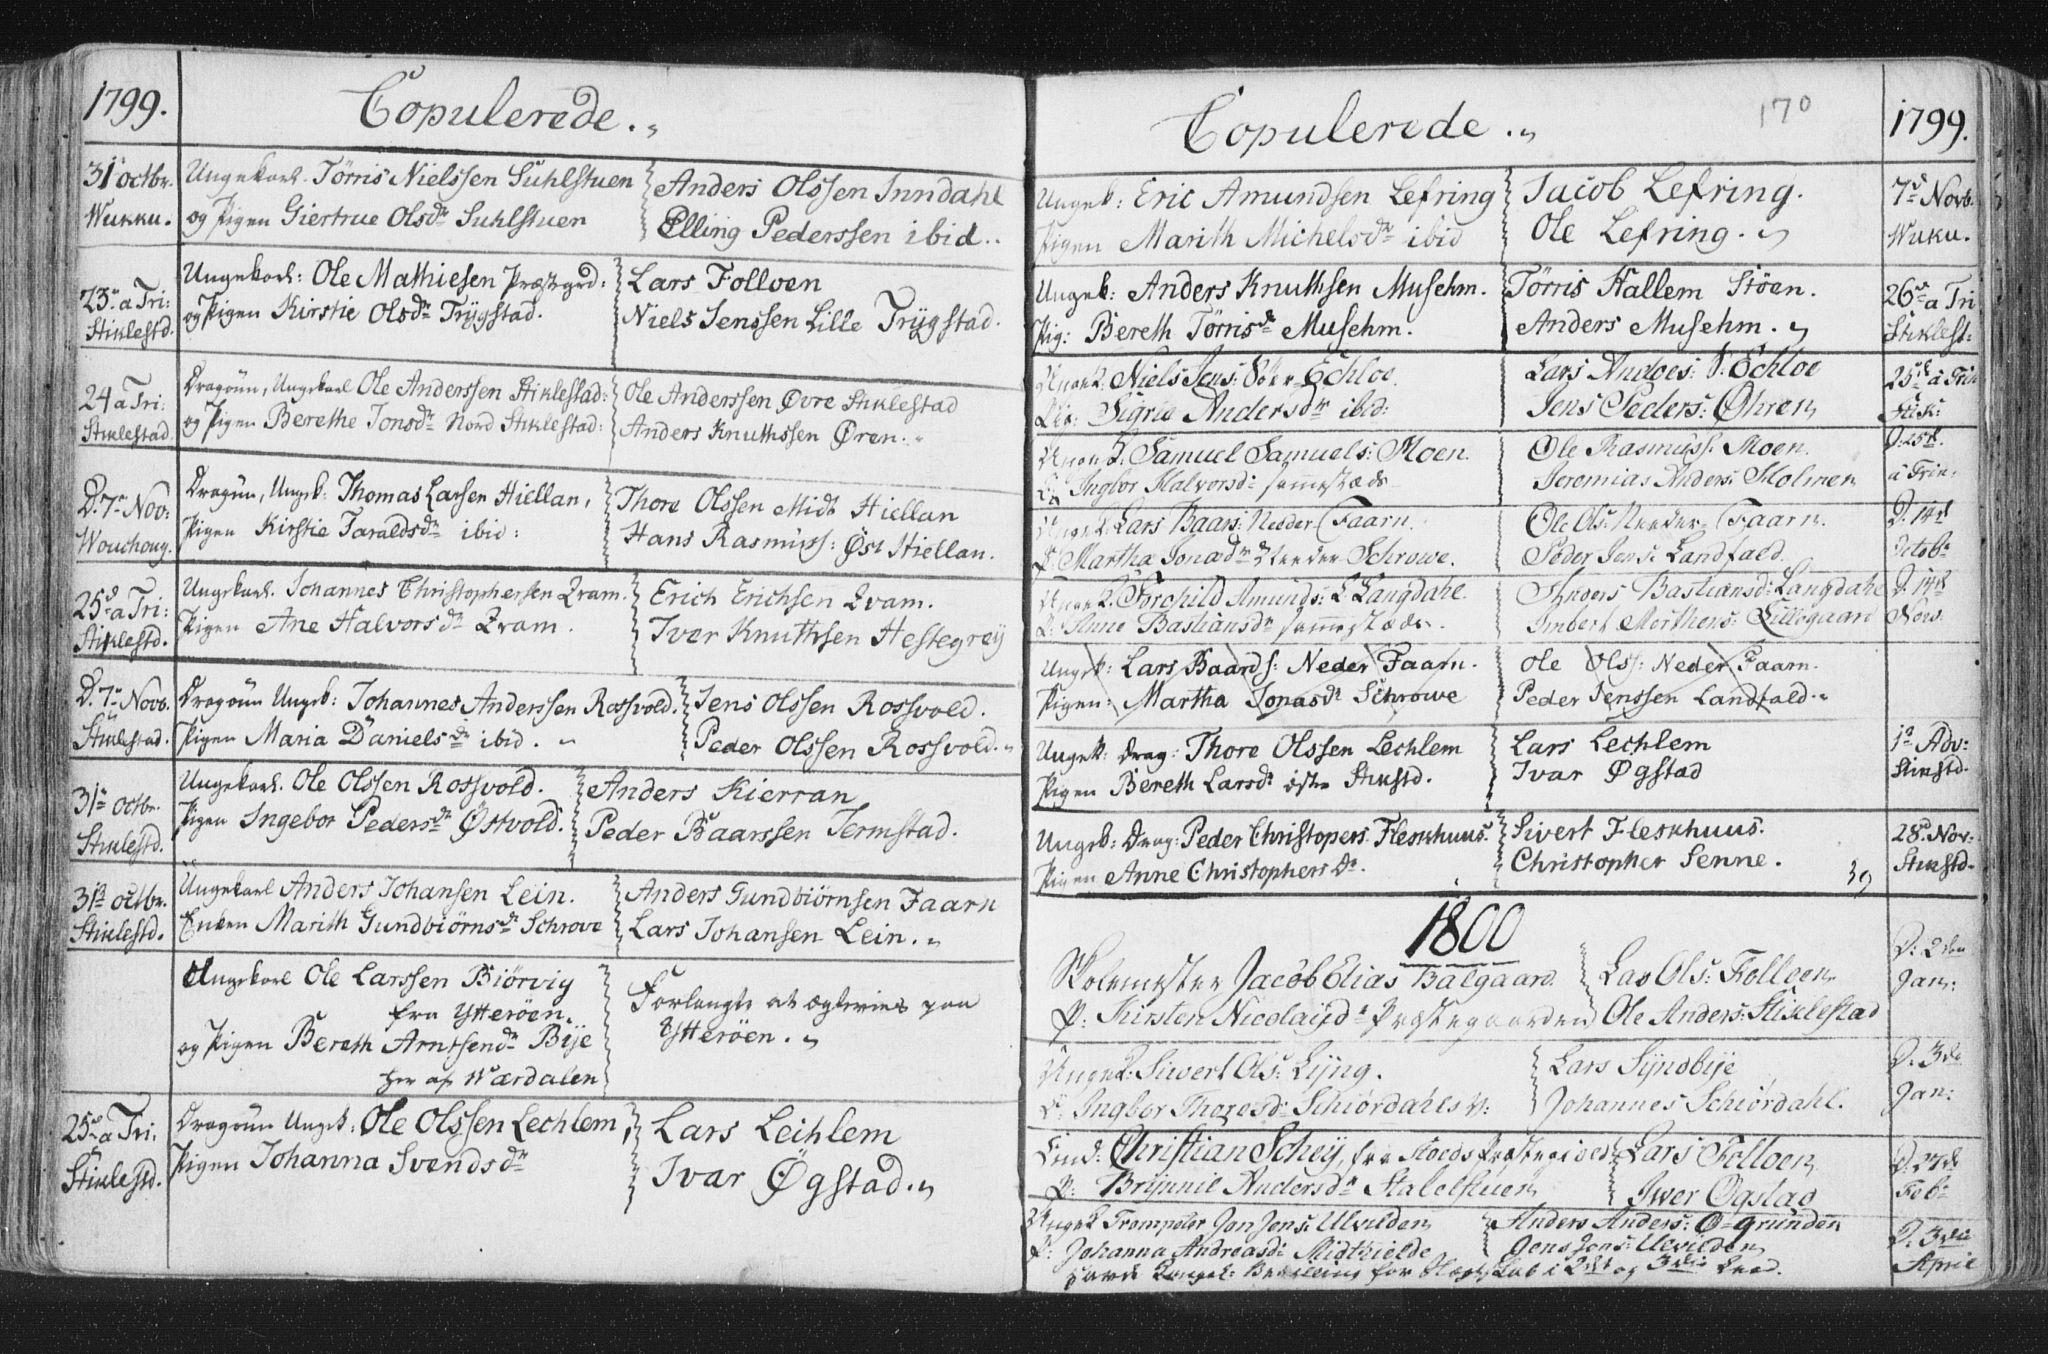 SAT, Ministerialprotokoller, klokkerbøker og fødselsregistre - Nord-Trøndelag, 723/L0232: Ministerialbok nr. 723A03, 1781-1804, s. 170